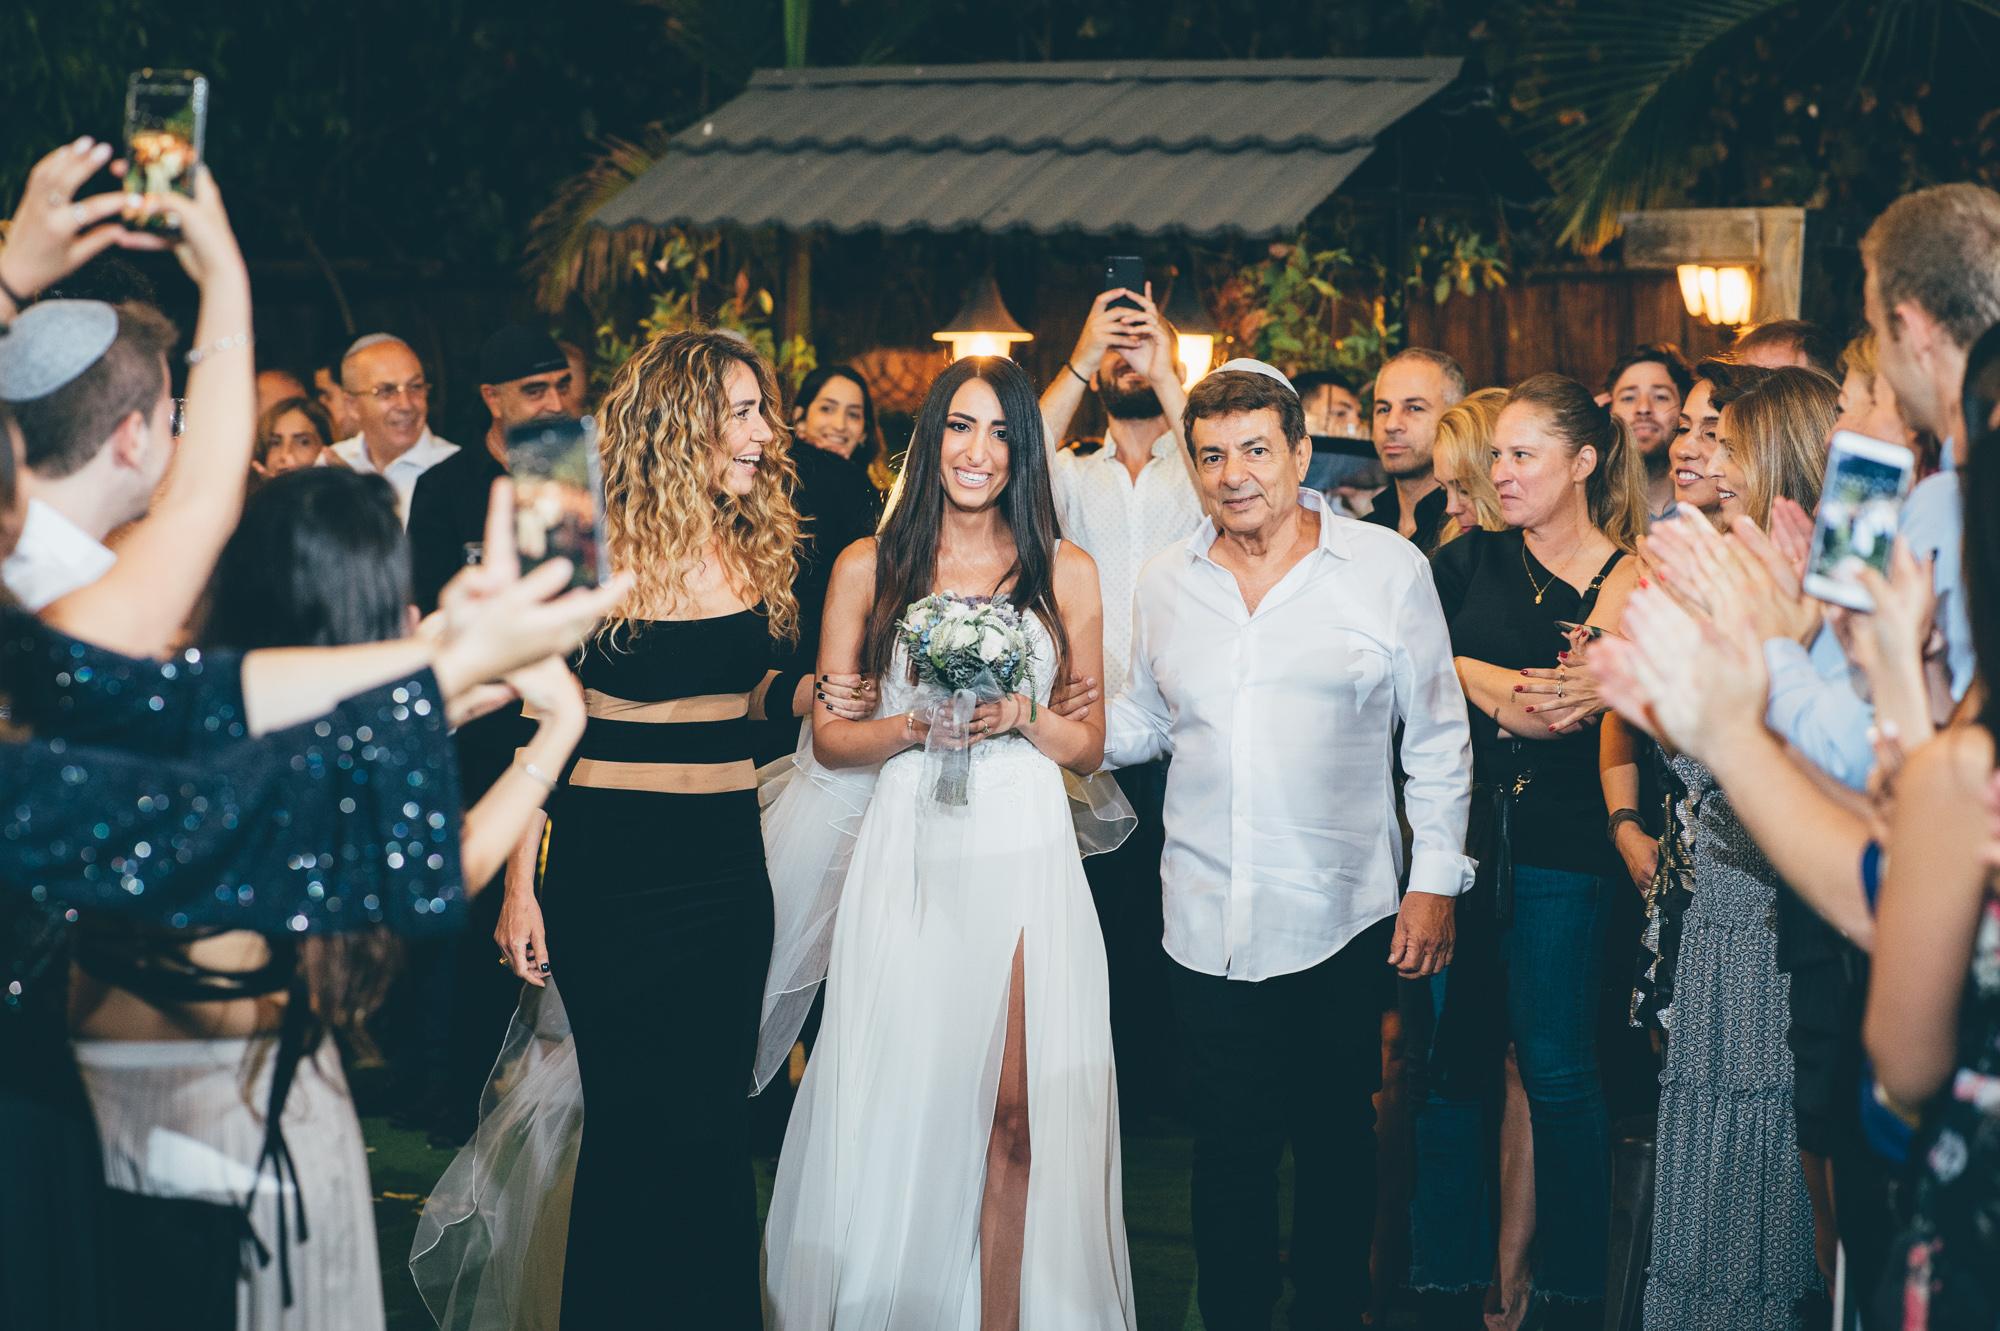 Wedding photos by - Asaf Kliger-74.jpg